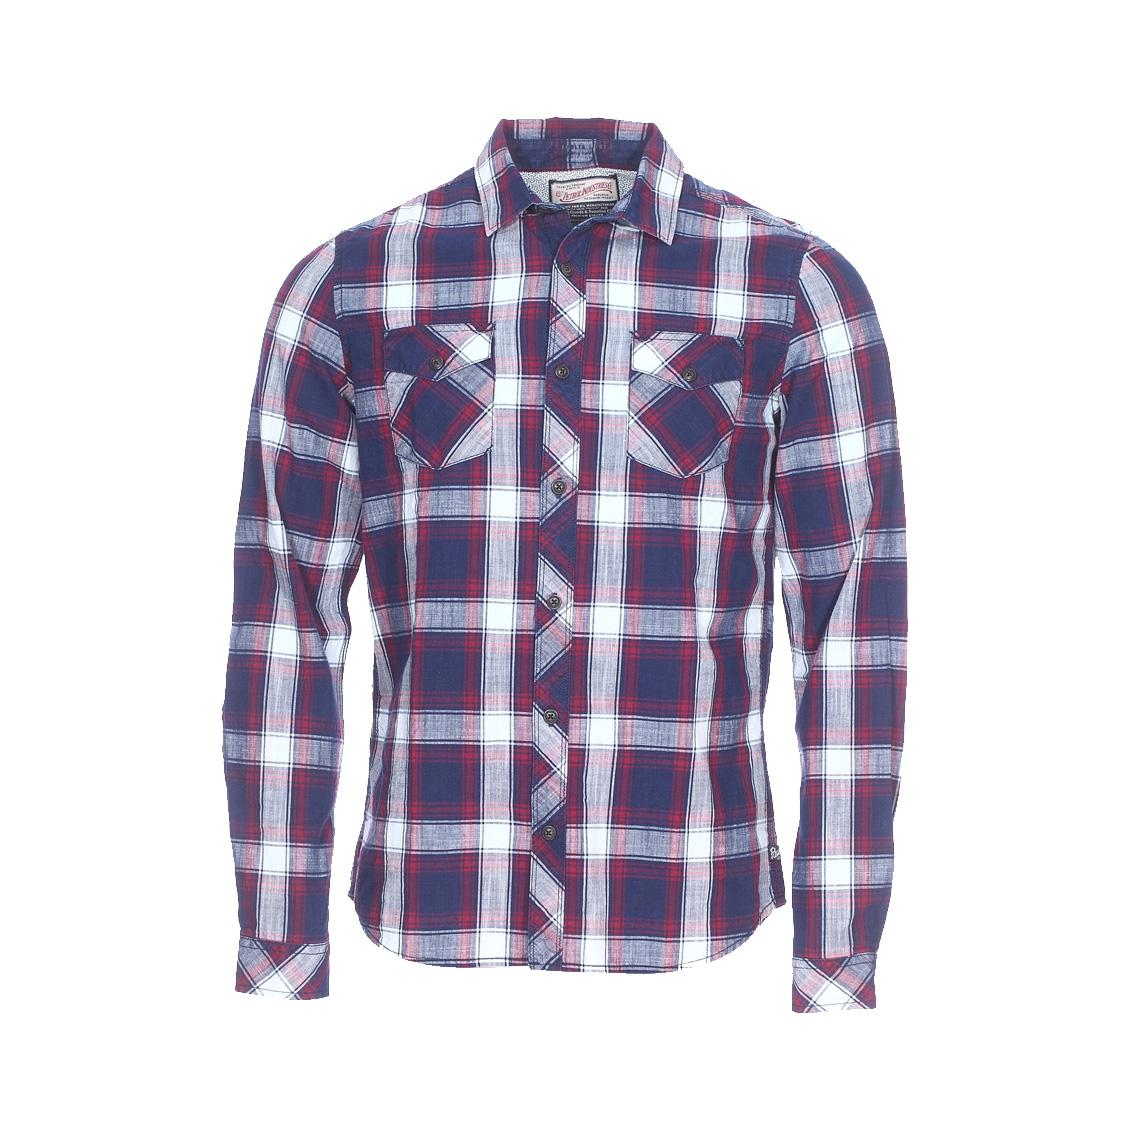 Chemise ajustée  en coton à carreaux bleus et rouges